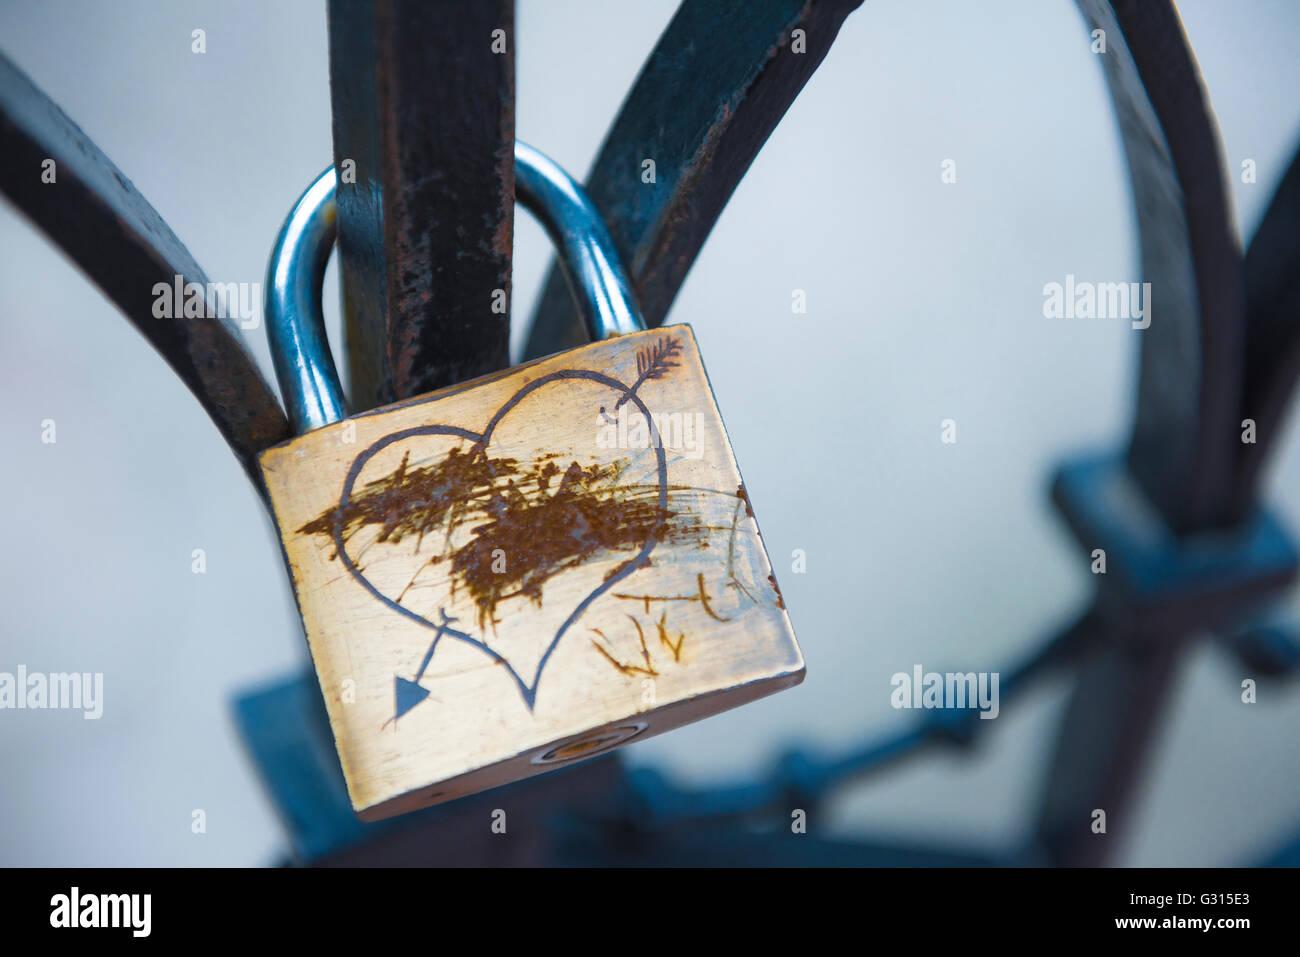 Rupture de relation, un amour 'lock' avec son nom rayé des amoureux, ce qui implique une séparation, Photo Stock